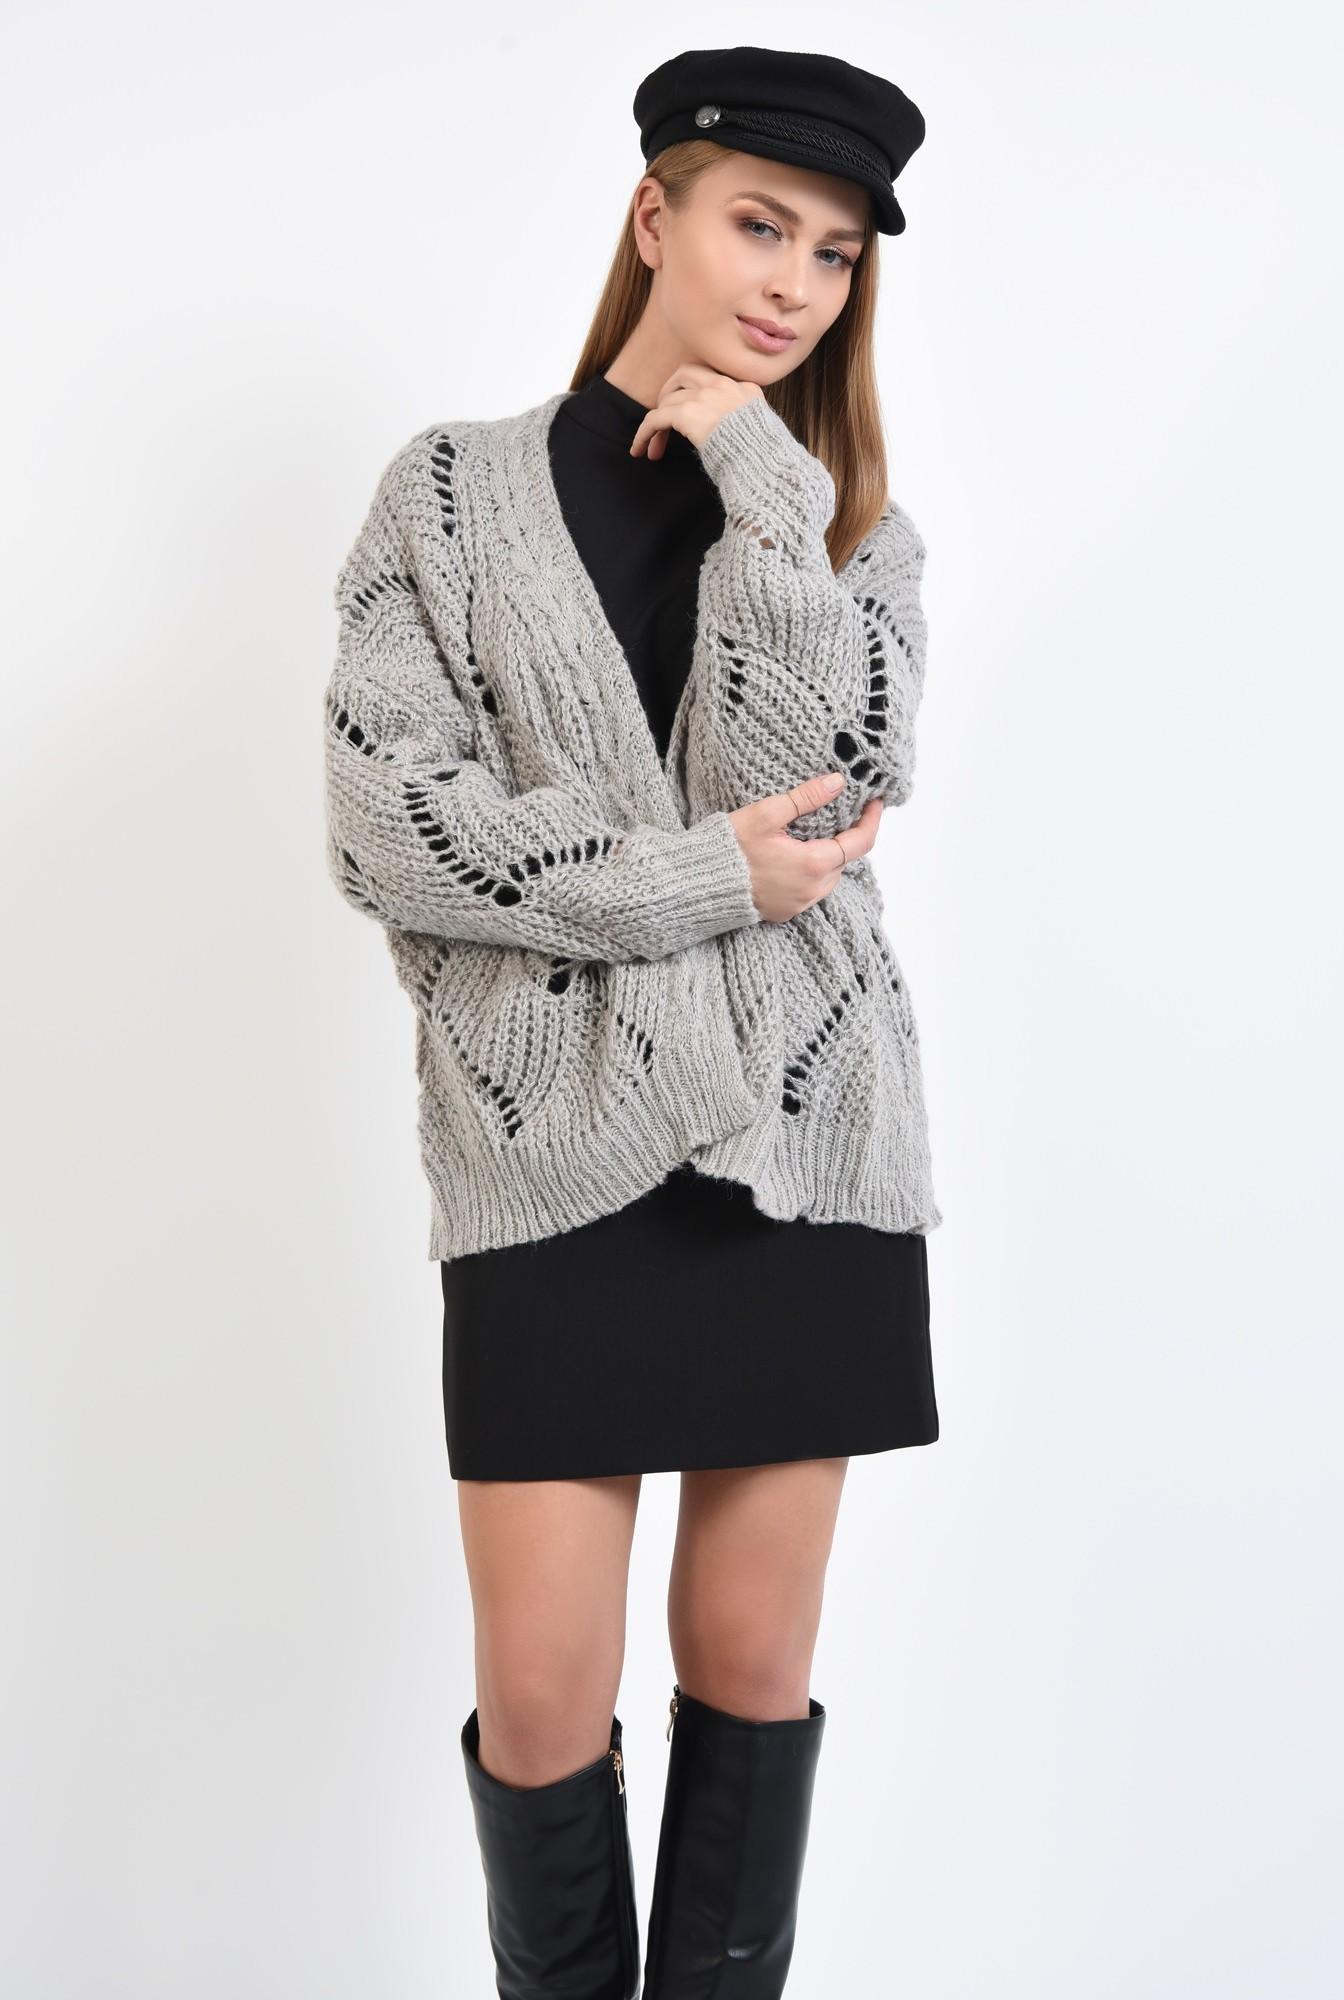 2 - cardigan tricotat, gri, fara sistem de inchidere, cu gaurele